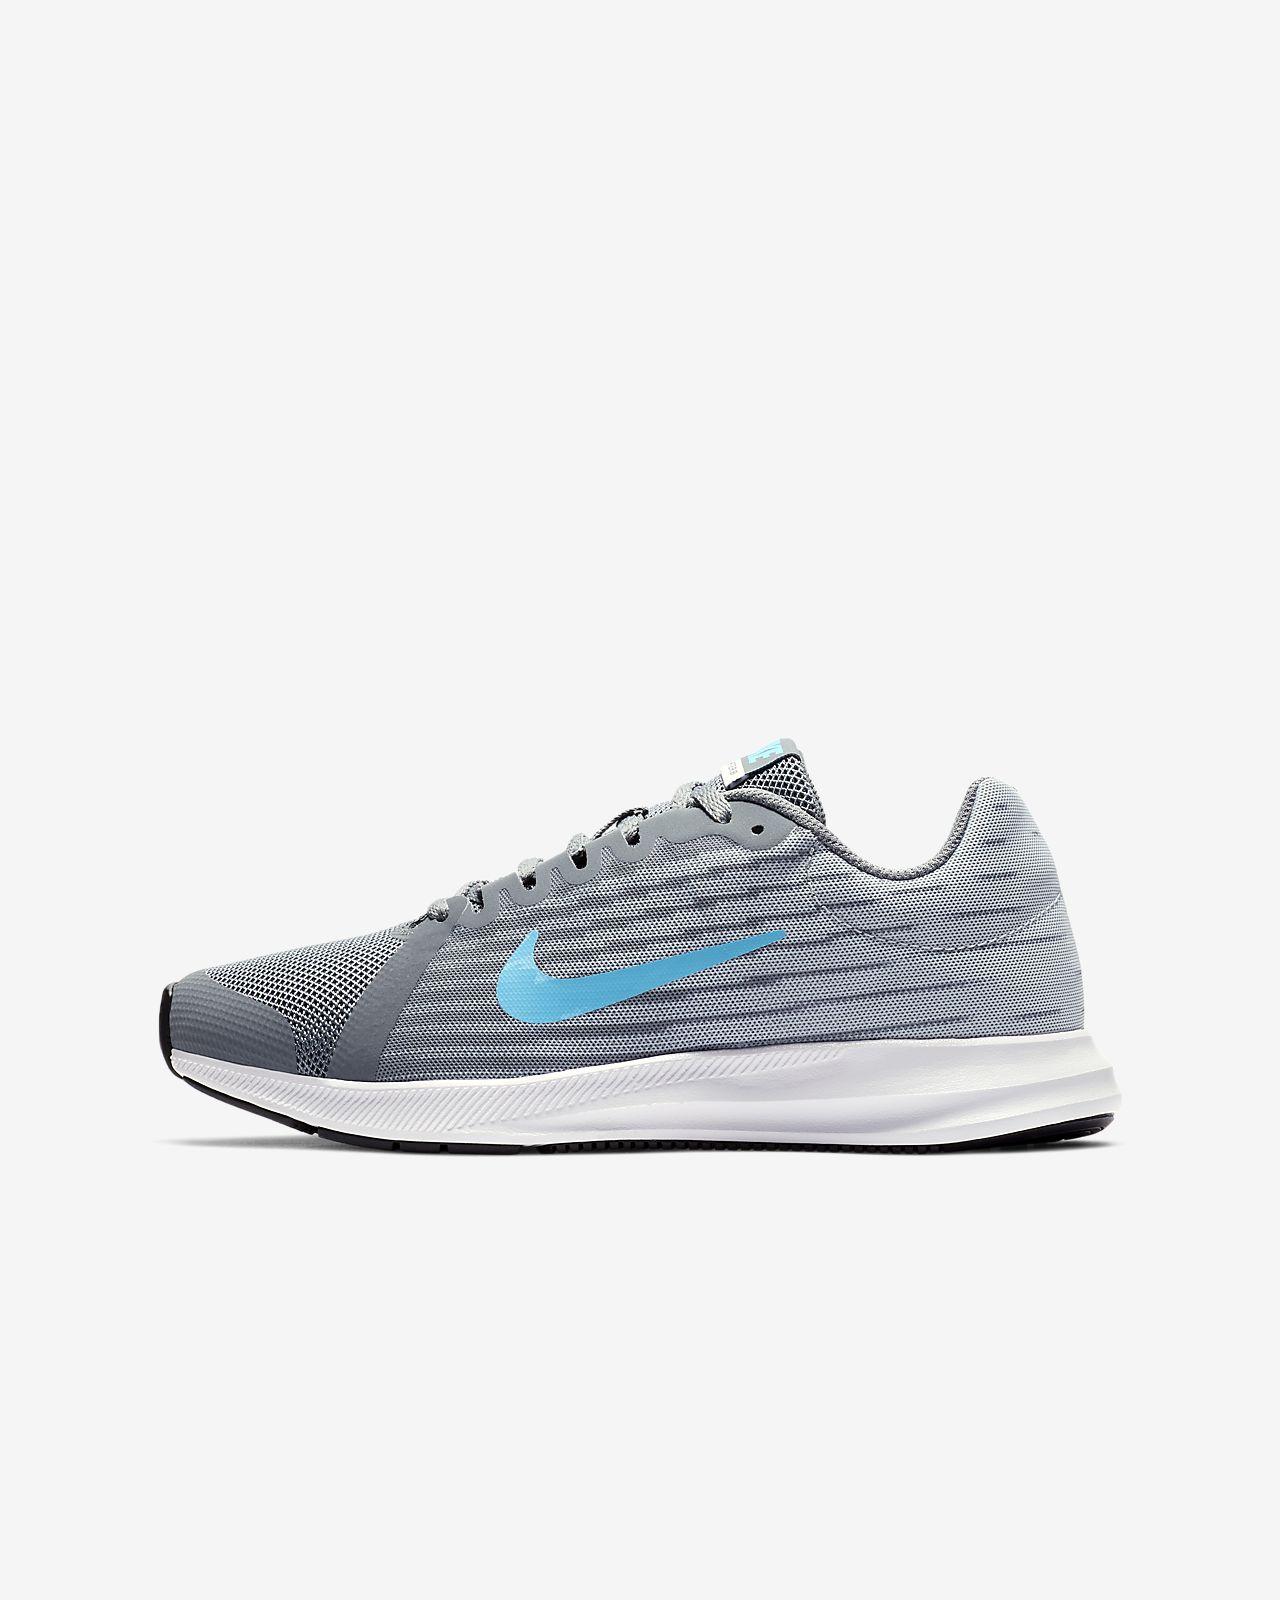 finest selection db11b 458de ... Chaussure de running Nike Downshifter 8 pour Garçon plus âgé